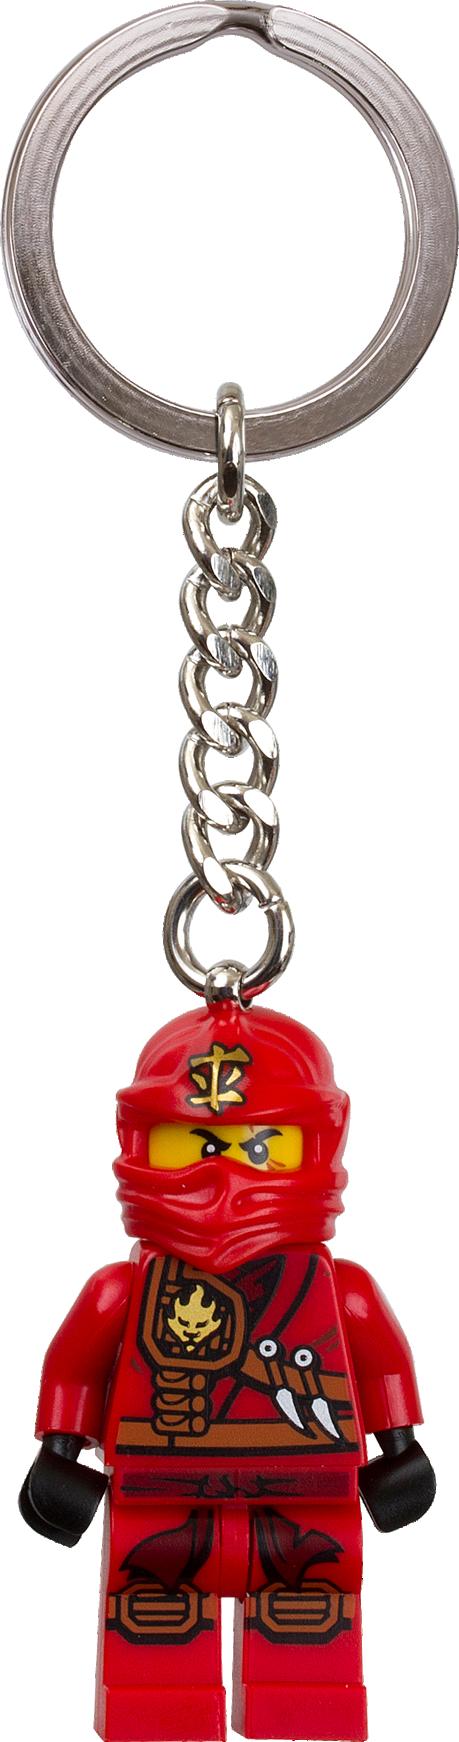 LEGO® NINJAGO™ Ninja Kai Key Chain